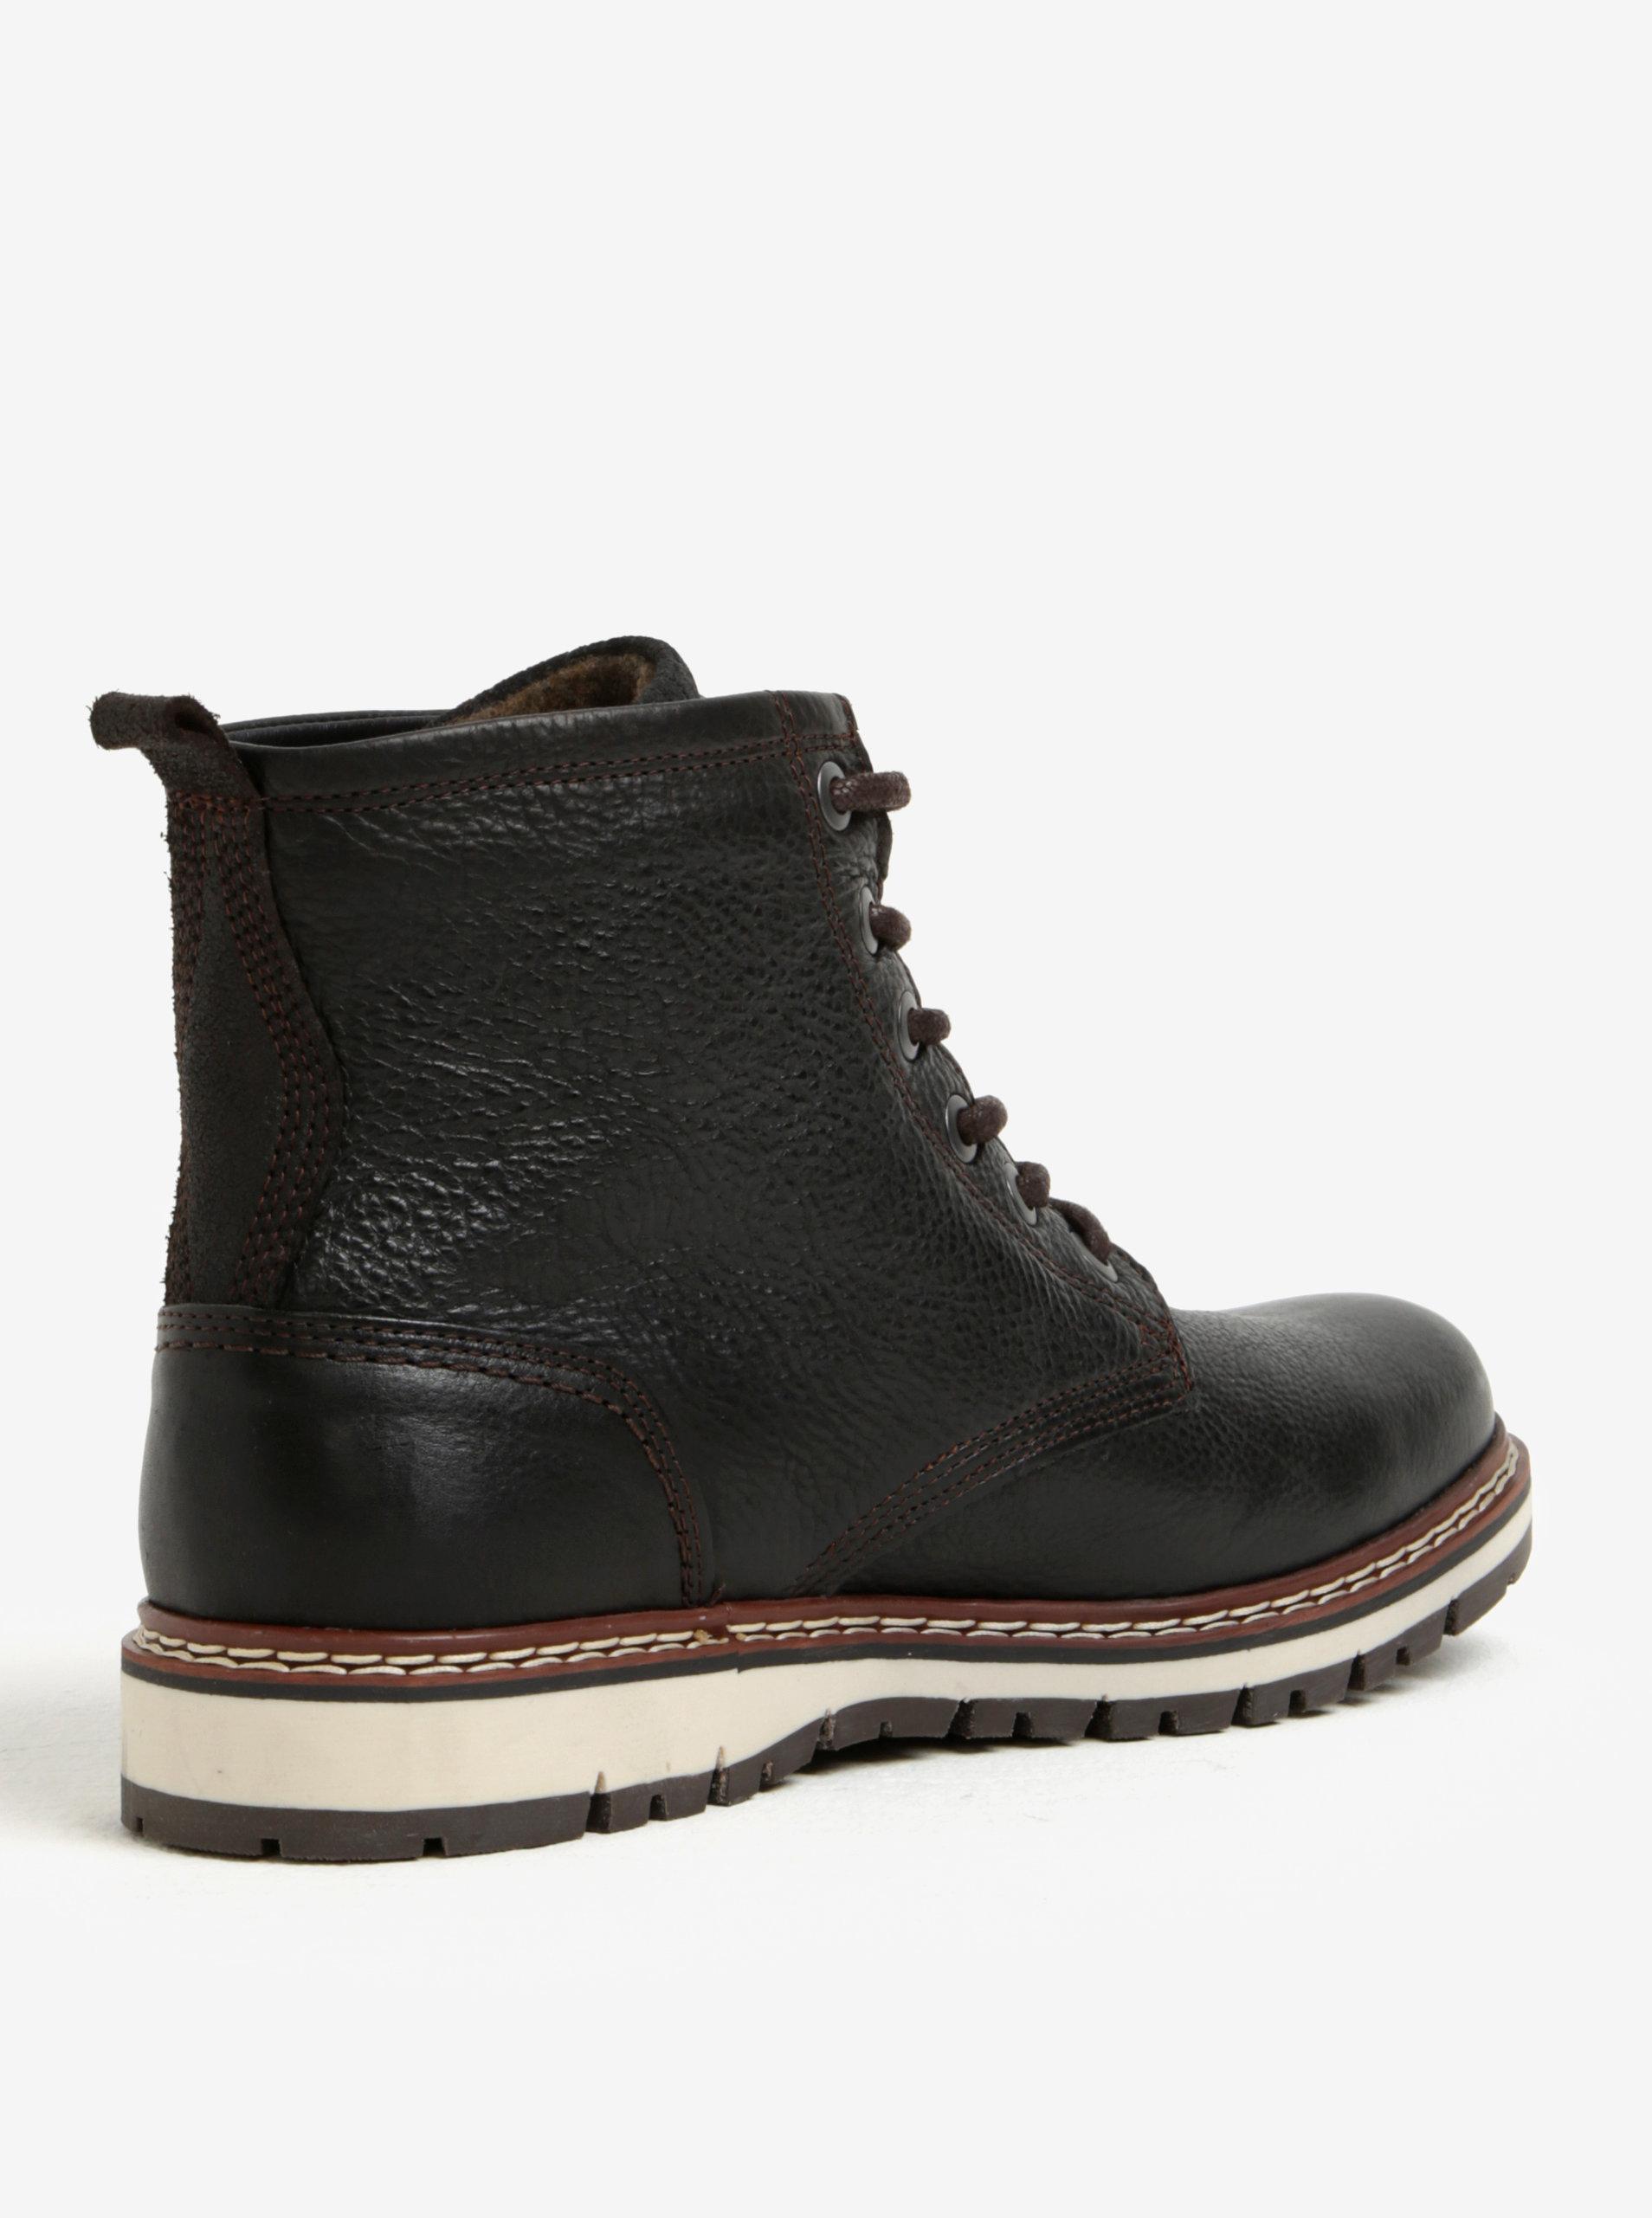 ea4d513e627 Tmavě hnědé pánské kožené kotníkové zimní boty Bullboxer ...